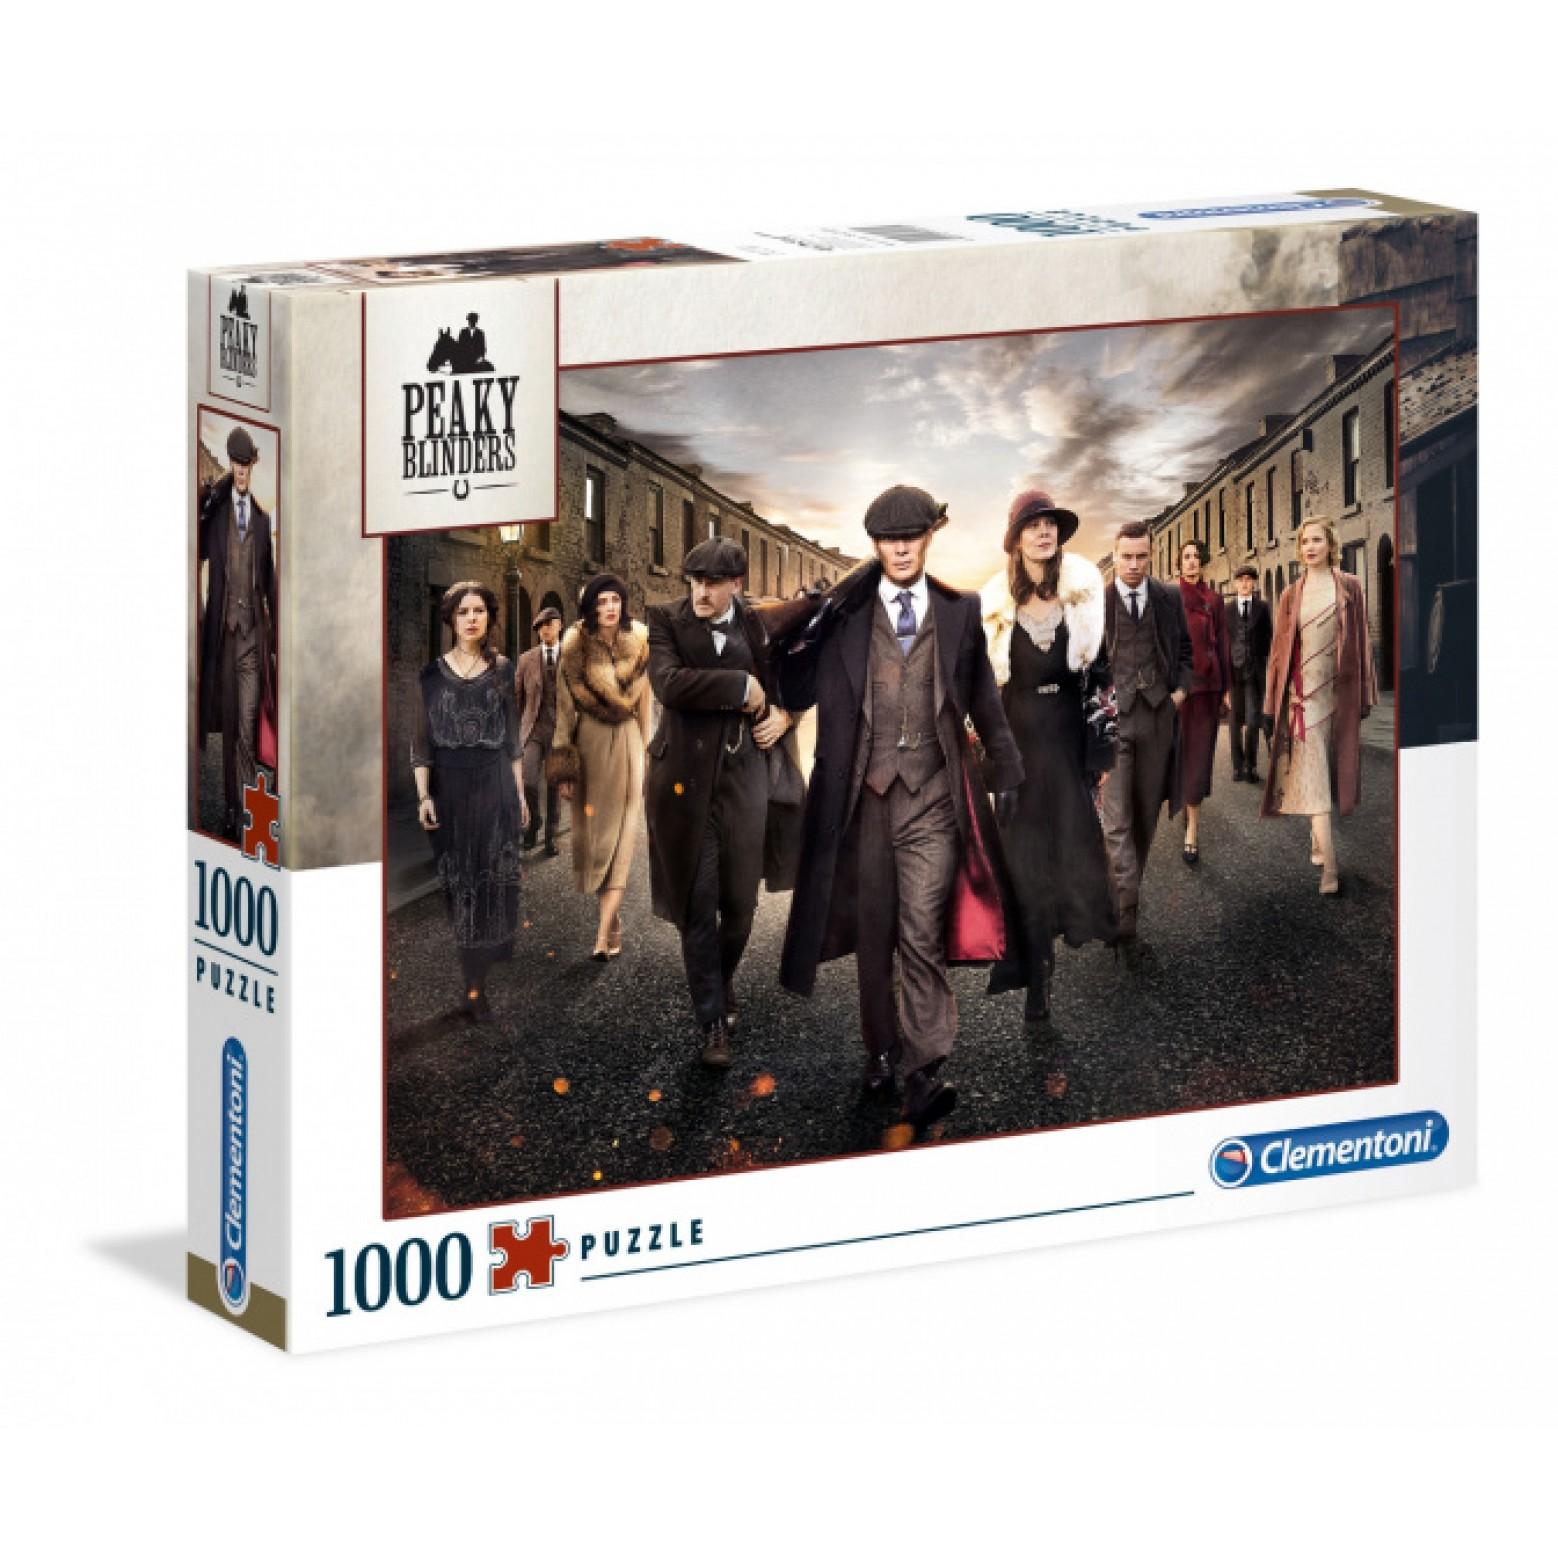 Peaky Blinders puzzel 1000 st